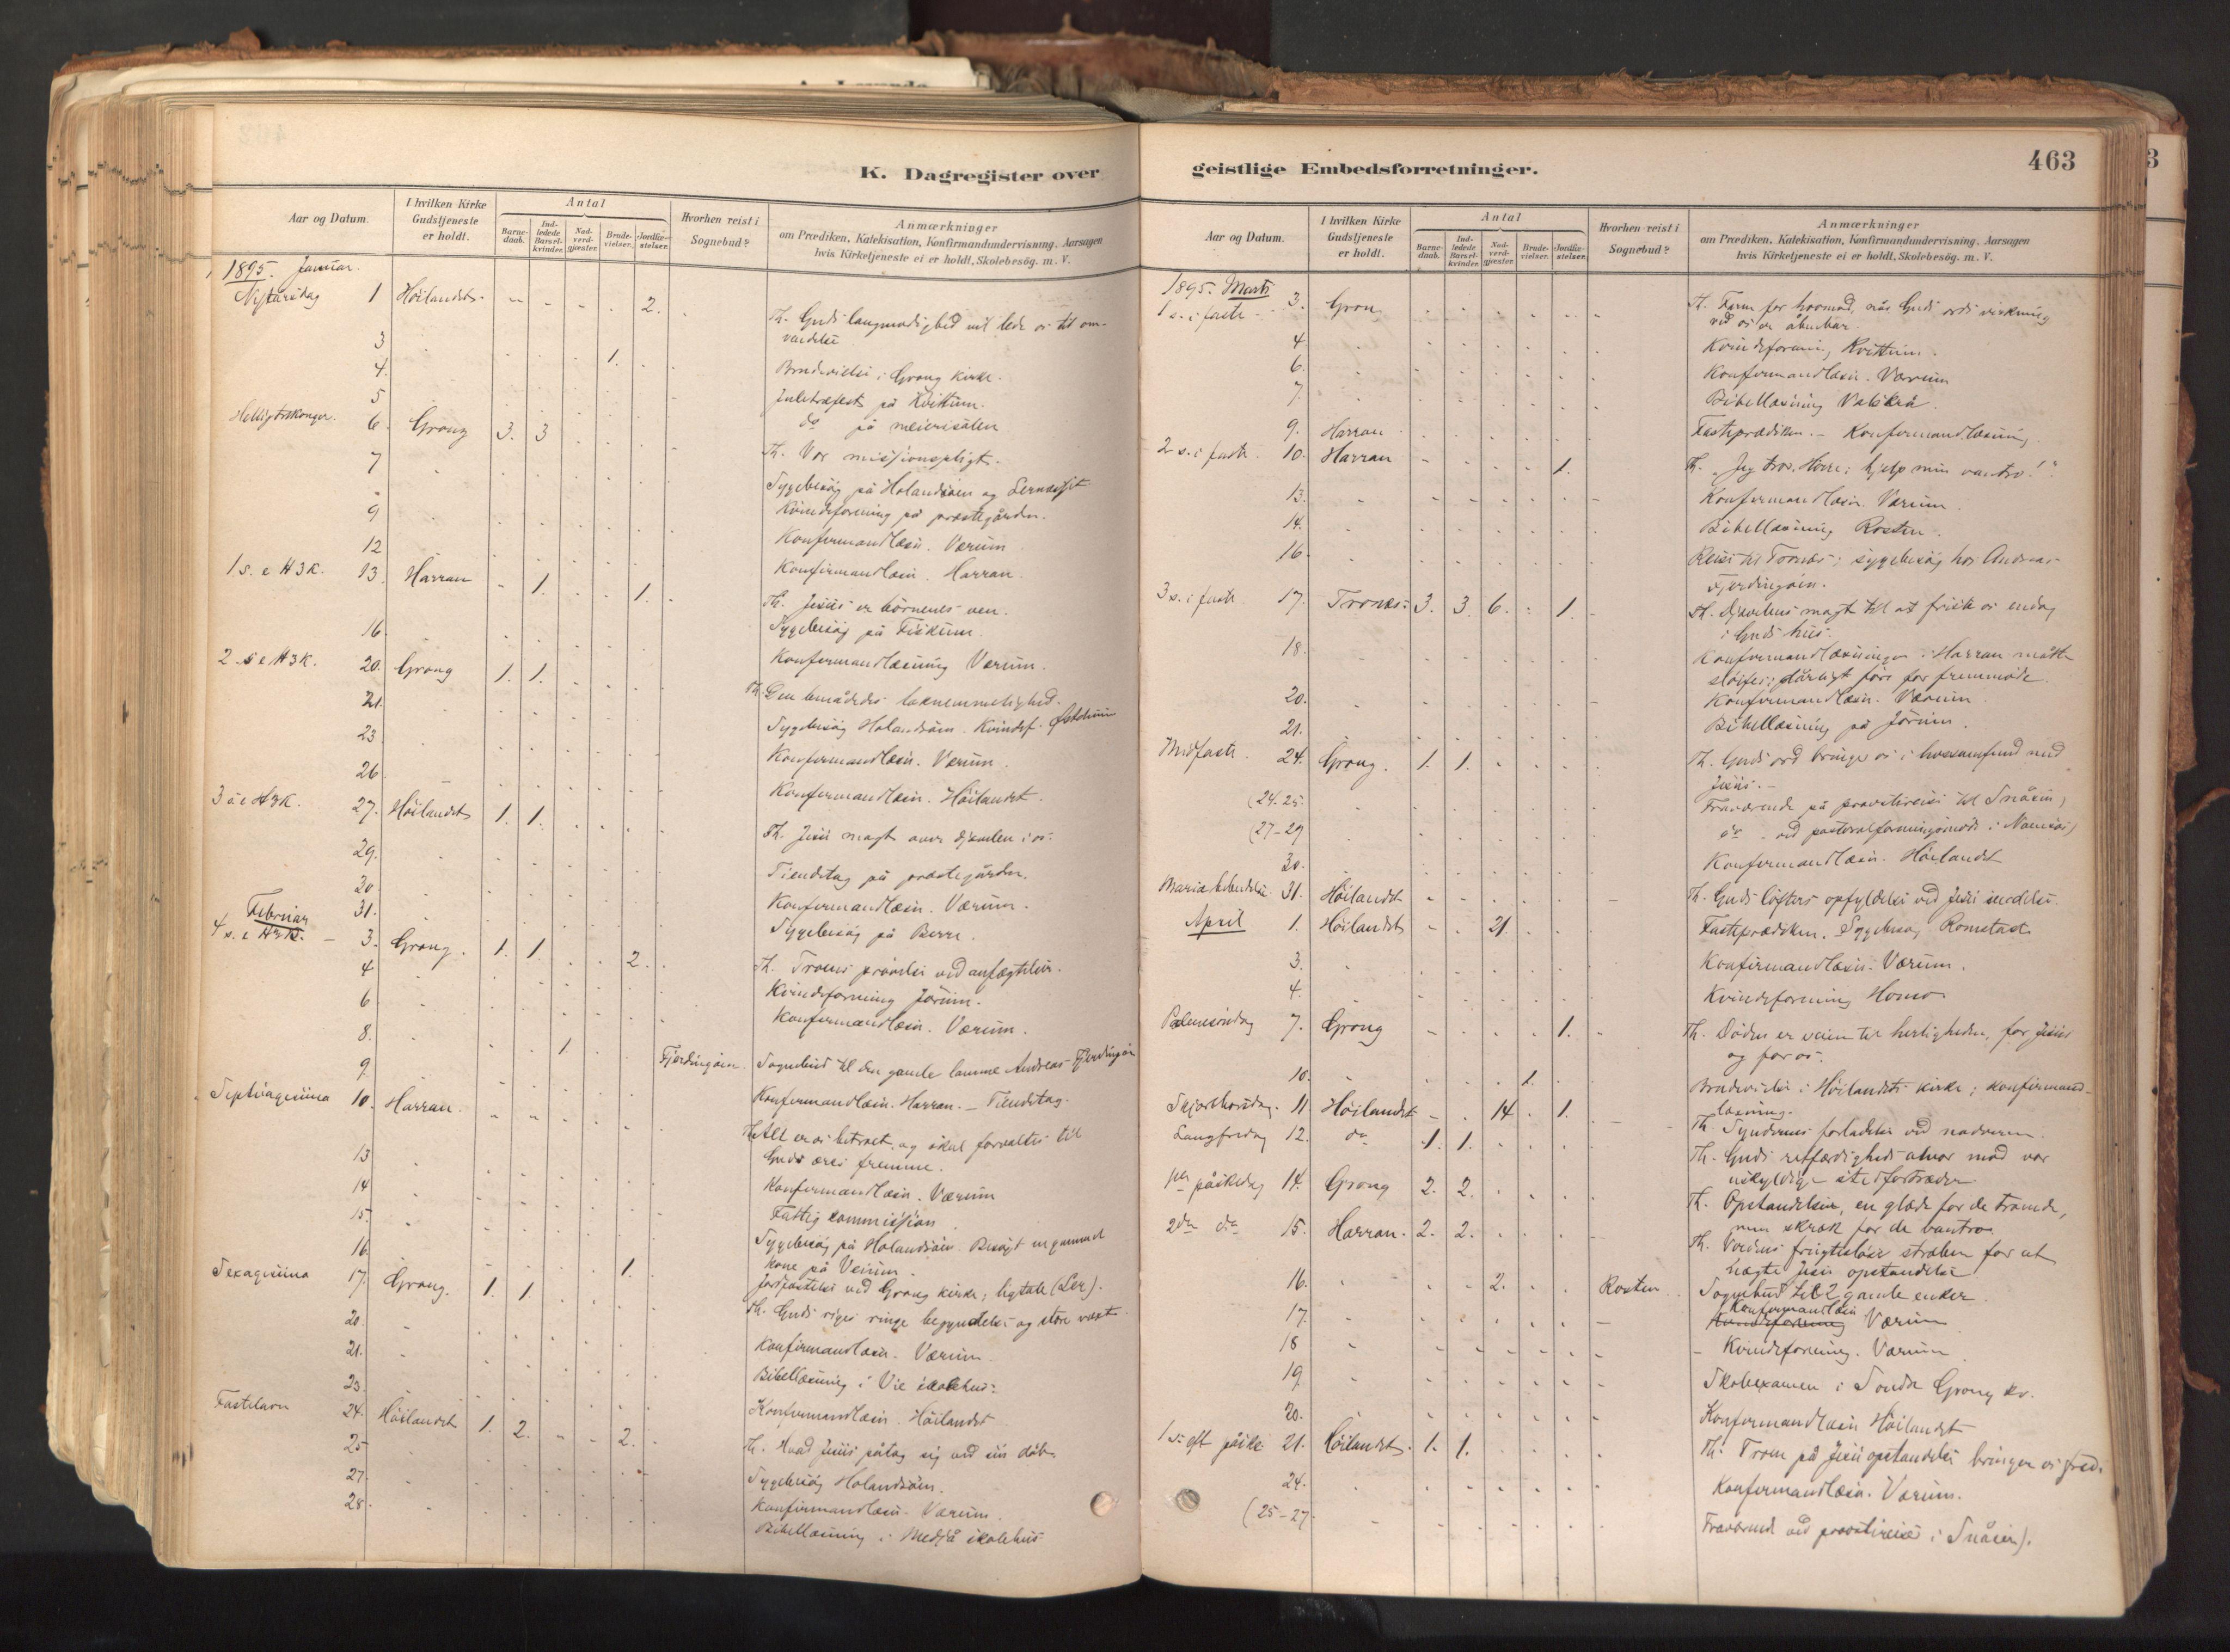 SAT, Ministerialprotokoller, klokkerbøker og fødselsregistre - Nord-Trøndelag, 758/L0519: Ministerialbok nr. 758A04, 1880-1926, s. 463